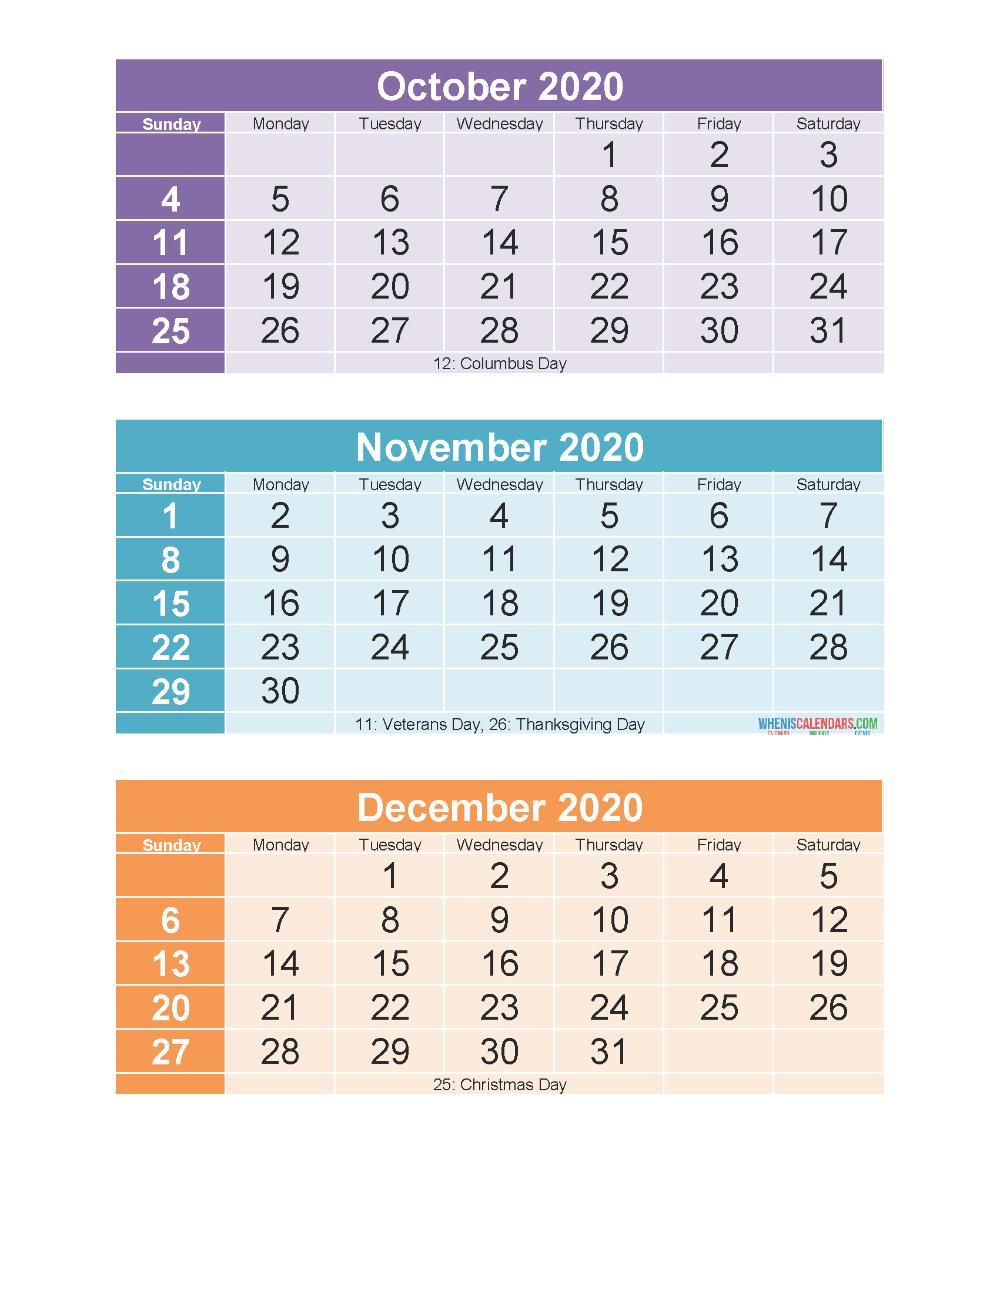 3 Month Calendar 2020 Printable Oct Nov Dec Printable | Free intended for Nov Dec 2020 Calendar